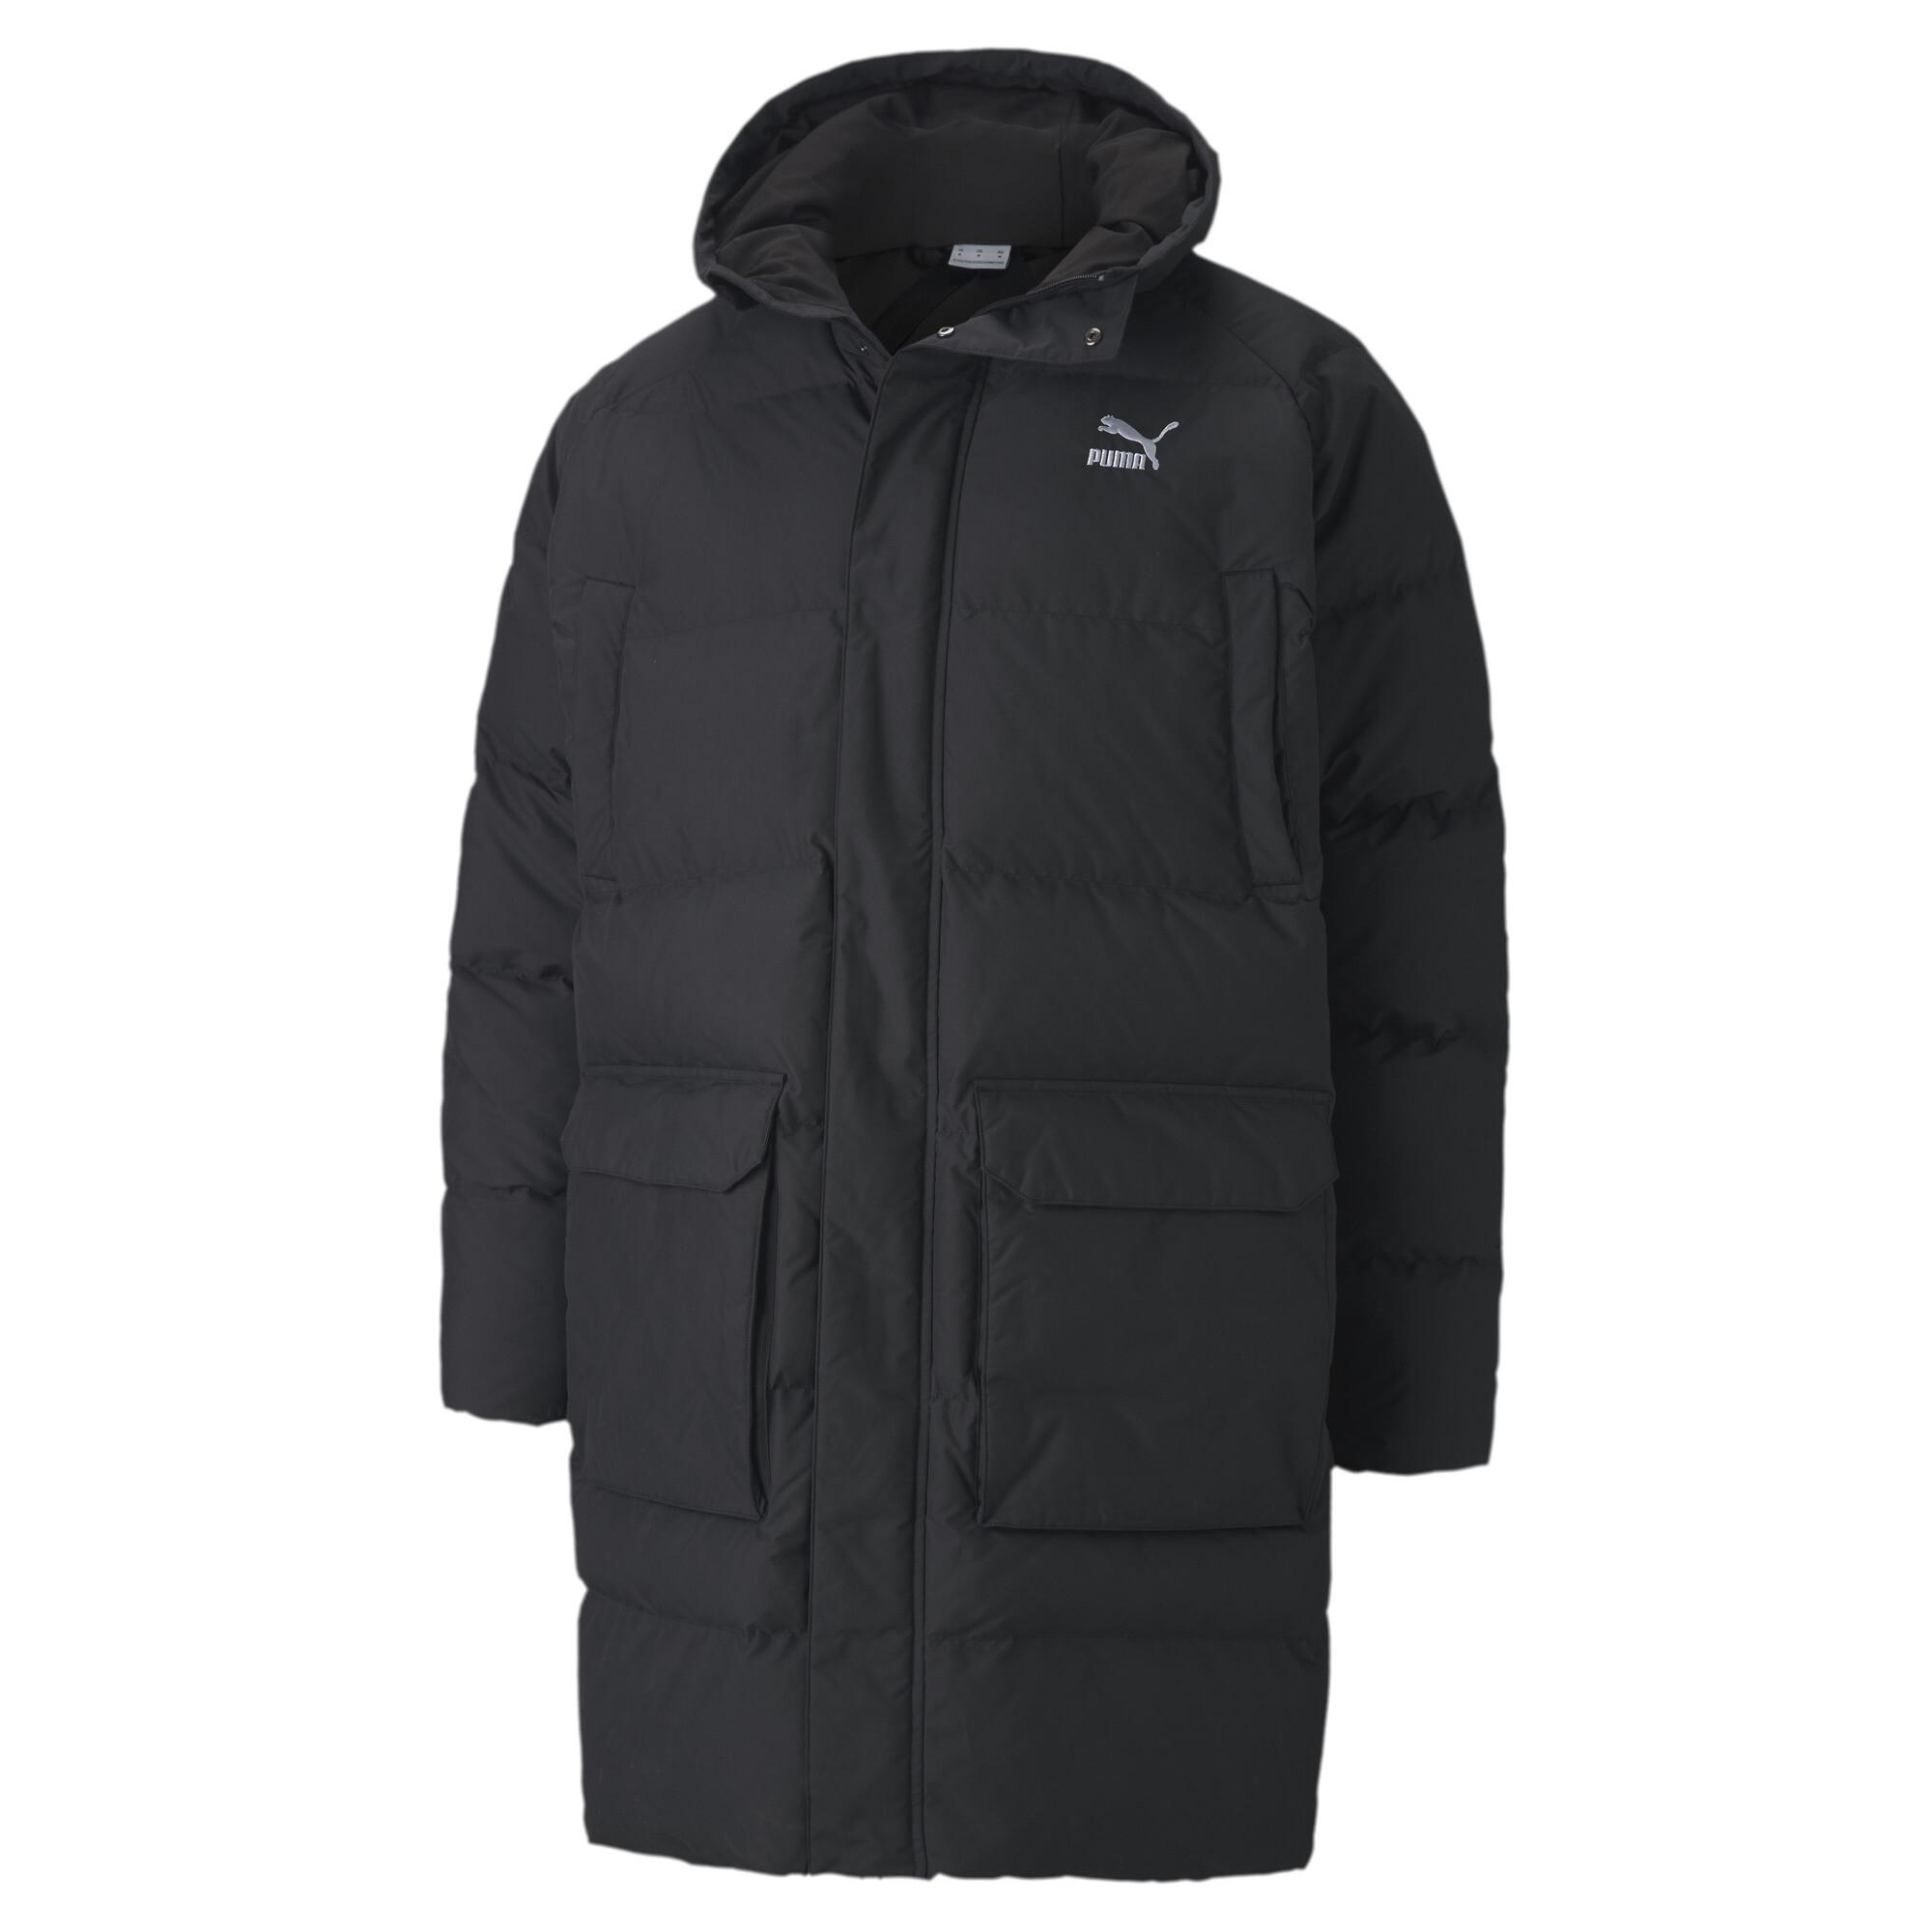 【プーマ公式通販】 プーマ CLASSICS ロング ダウン ジャケット メンズ Puma Black |PUMA.com